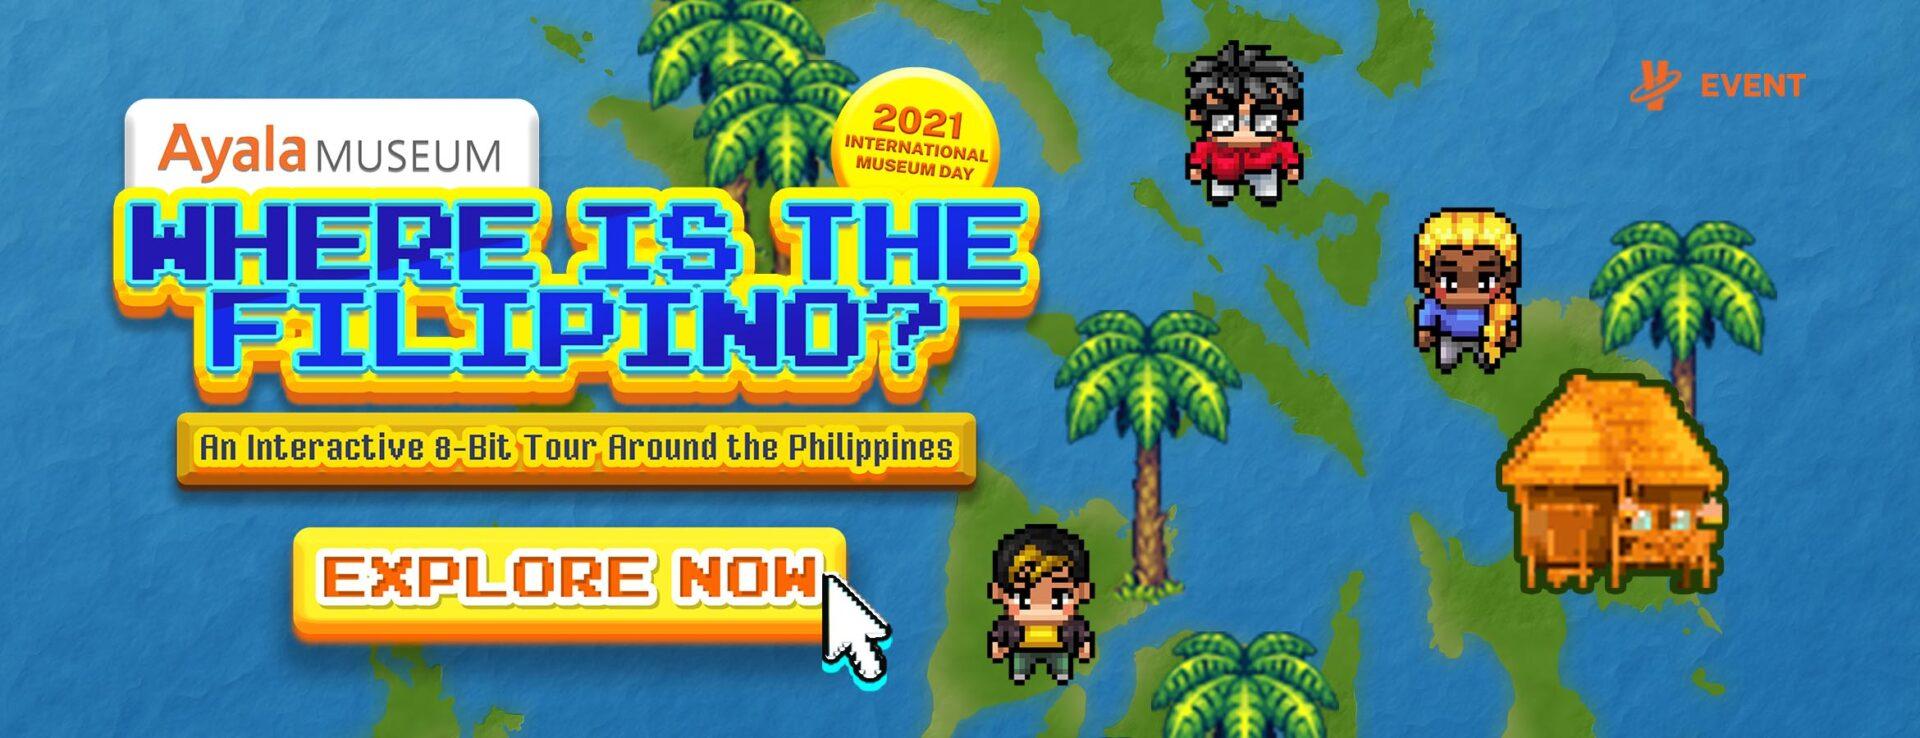 【博物之島新訊】遊戲、社交與看展一次滿足!菲律賓阿亞拉博物館以Gather.Town玩轉虛擬體驗